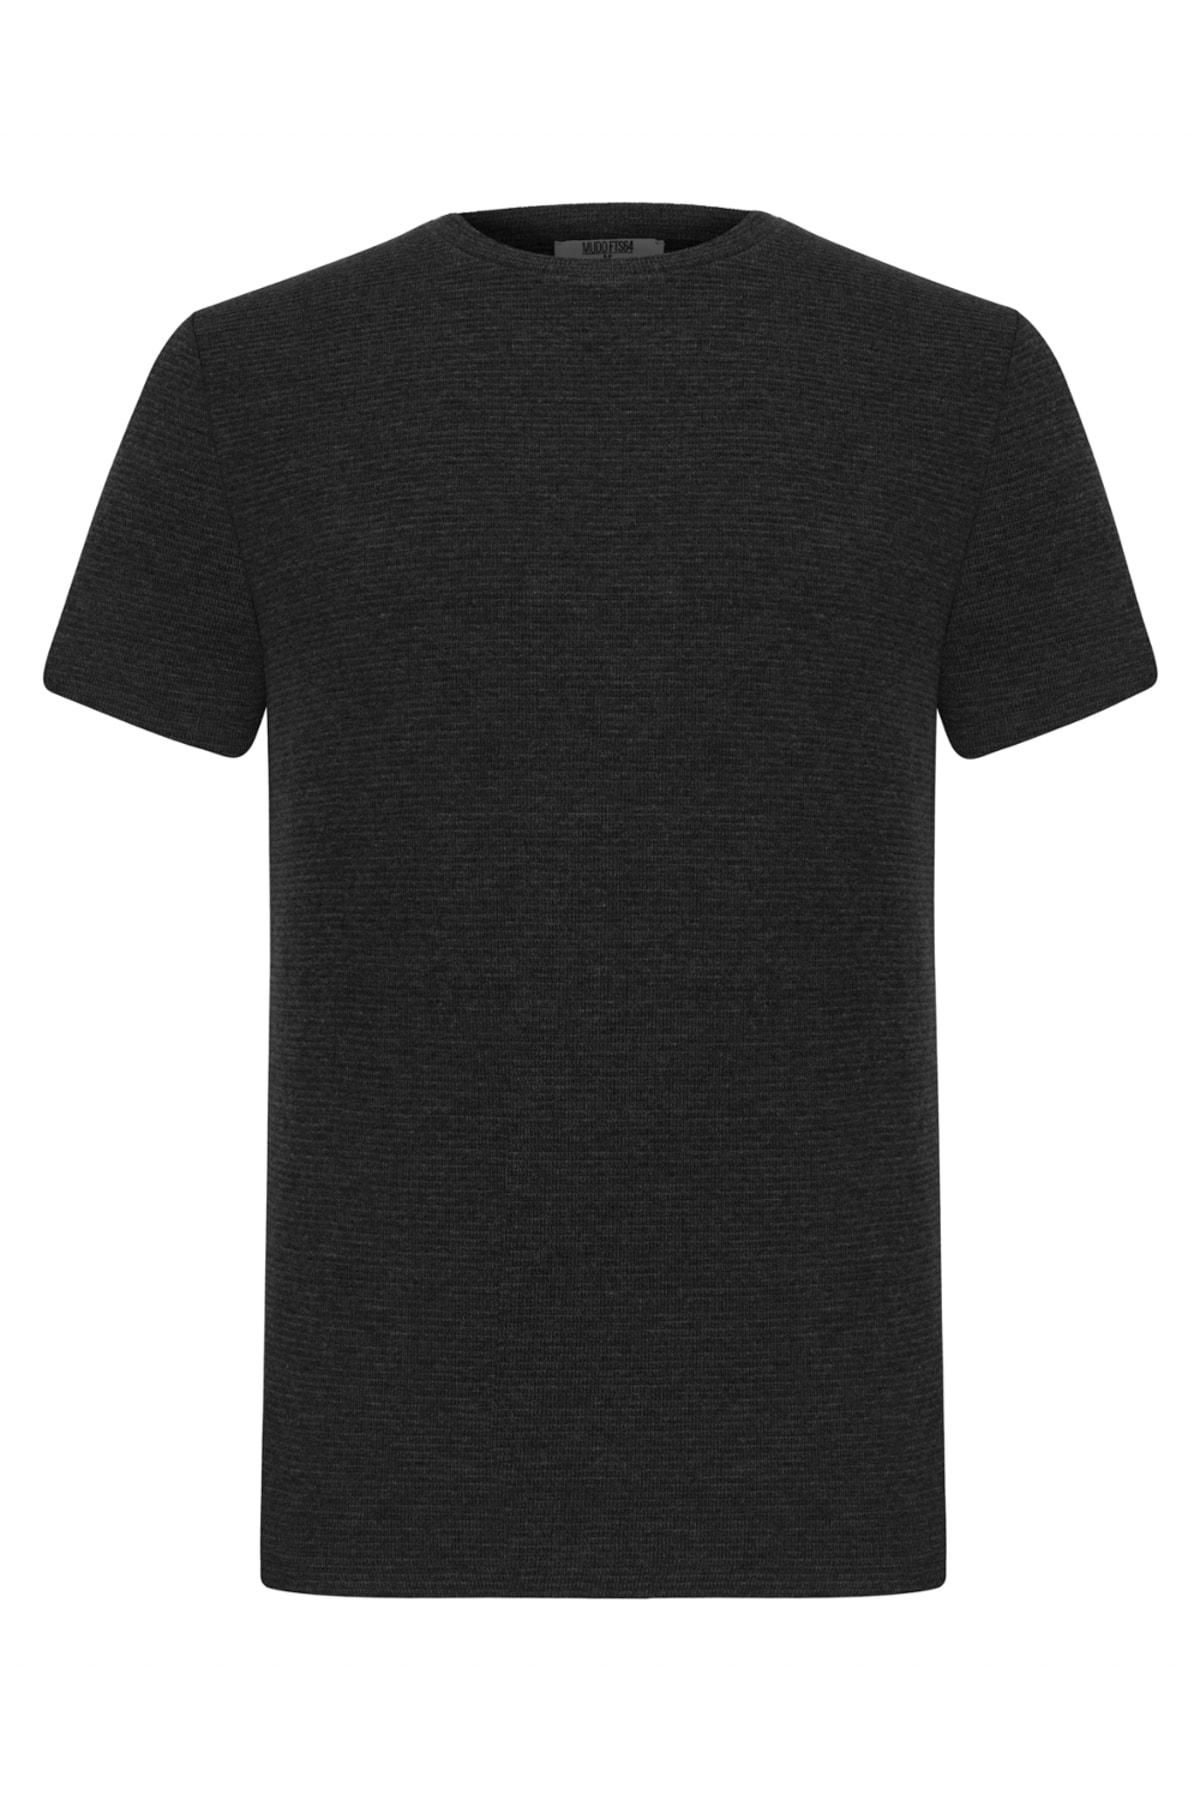 Erkek Gri Melanj Bisiklet Yaka Basıc T-Shirt 375654